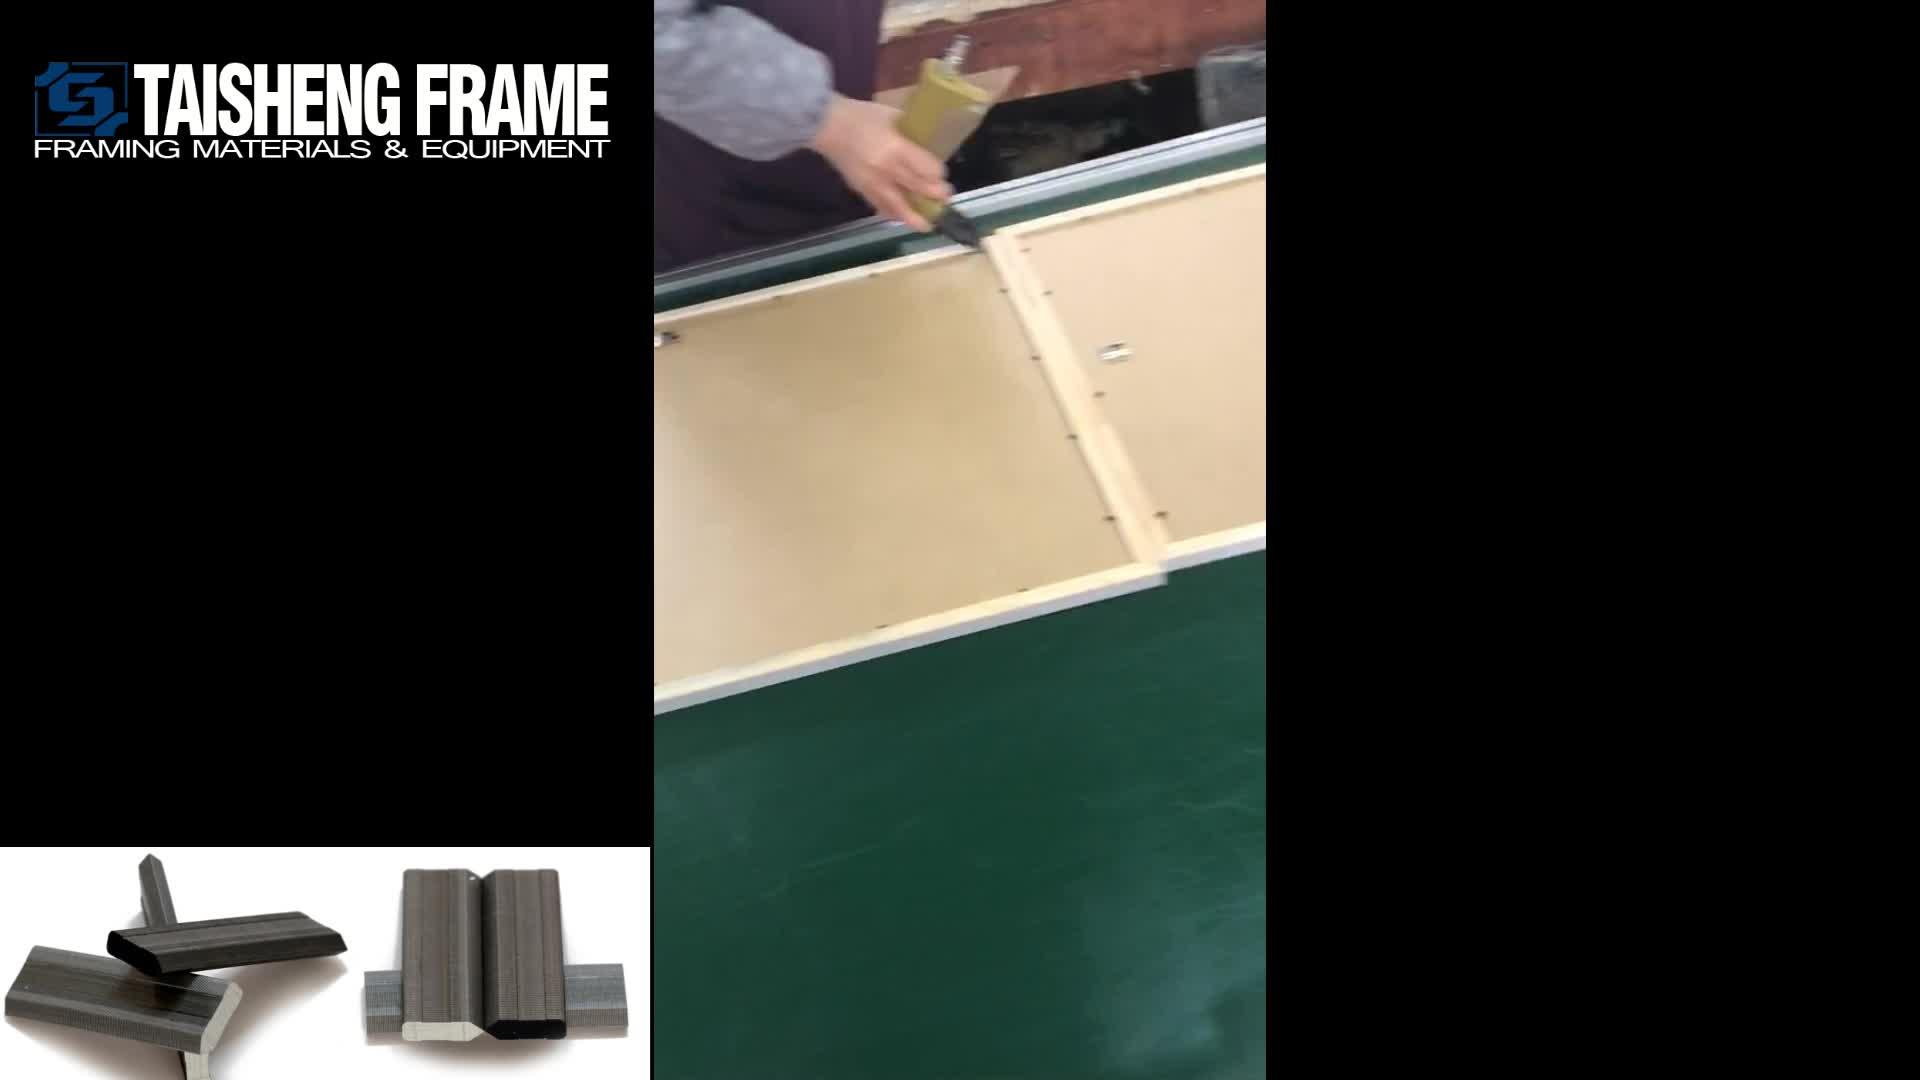 Pointes Flexibles Hitam 10000 Pcs/box Bingkai Kuku Flexi Pin Taisheng Framing Perlengkapan